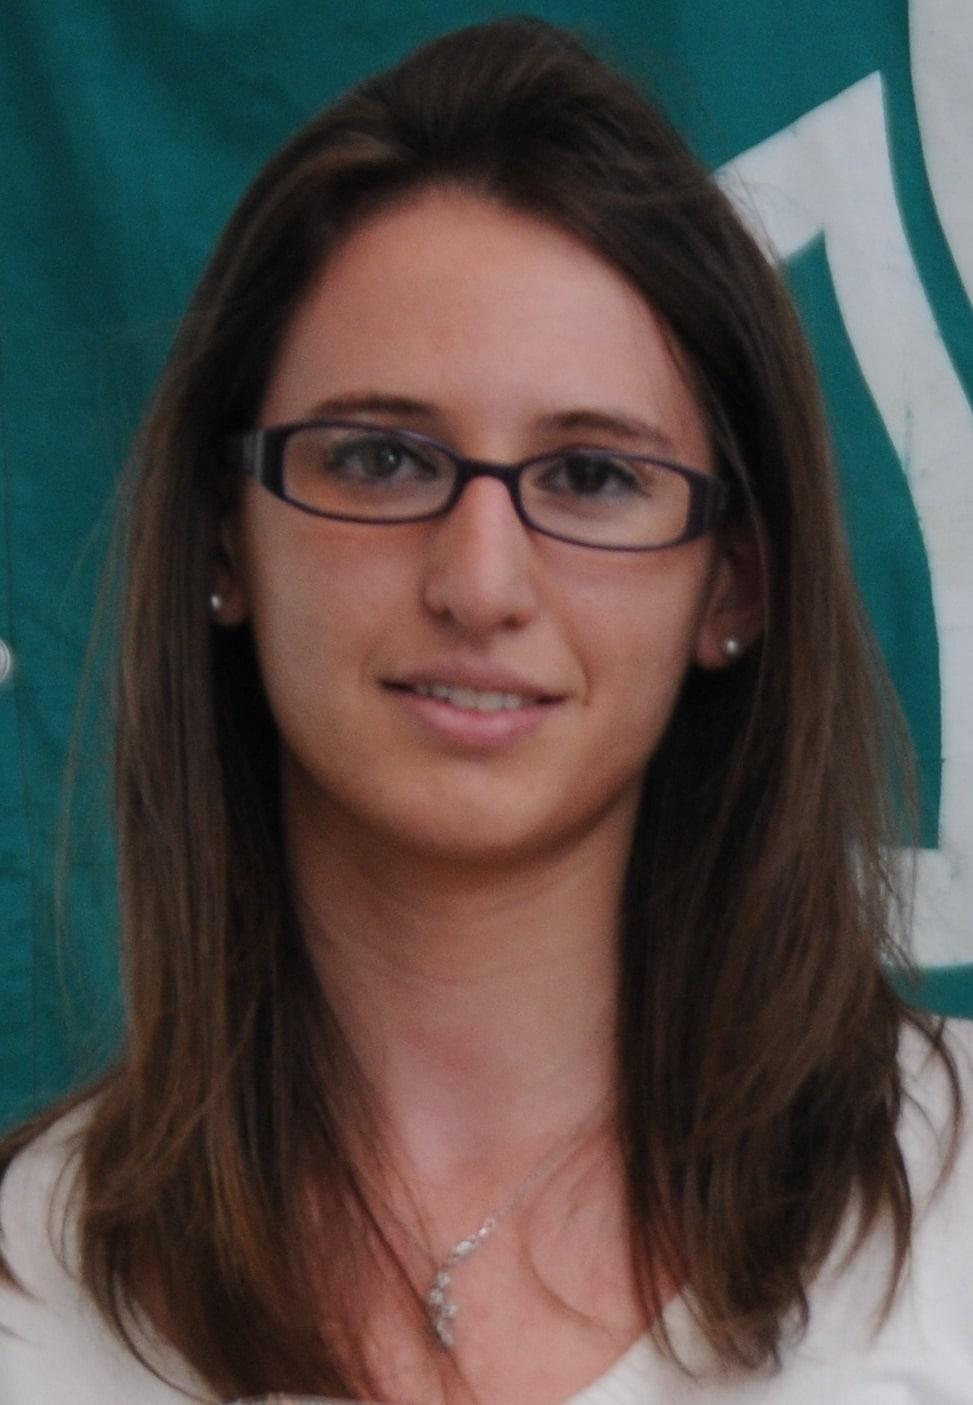 Silvia from Serre di Rapolano